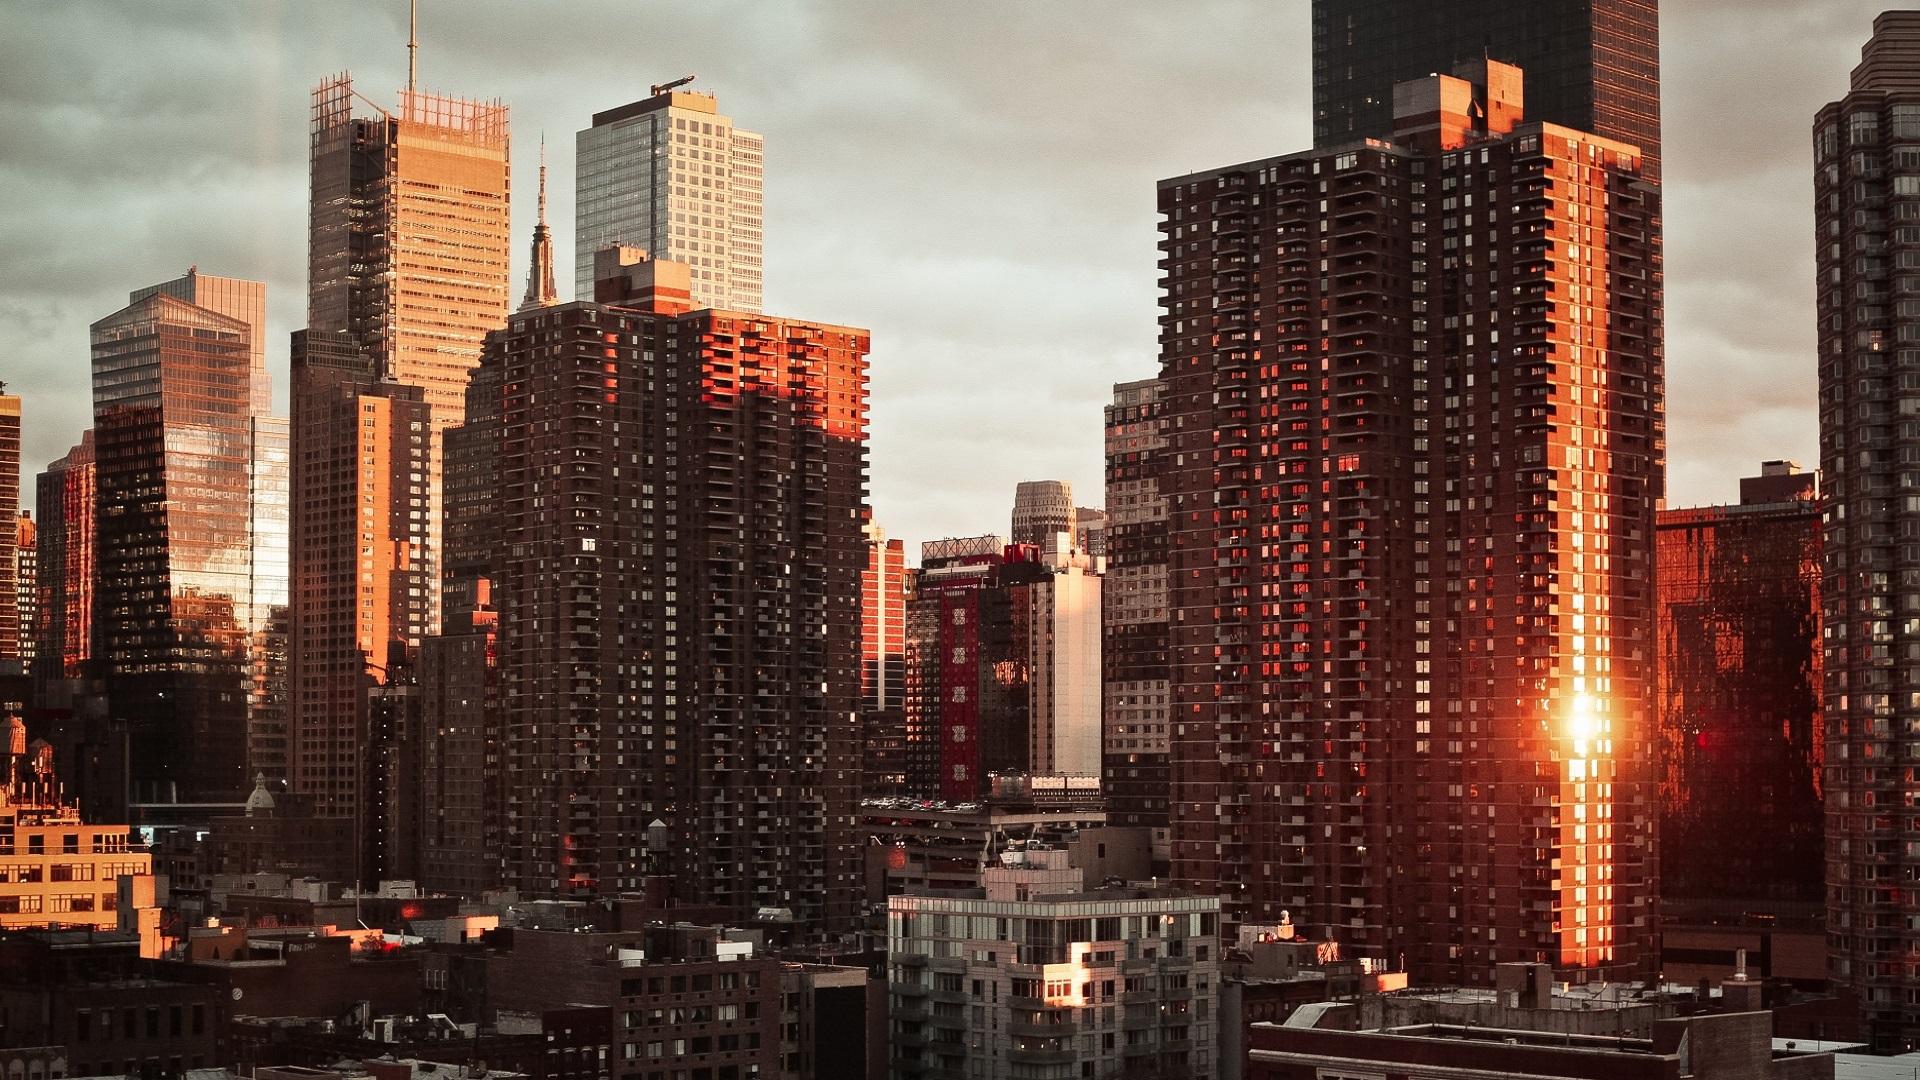 Most Beautiful City 1920x1080